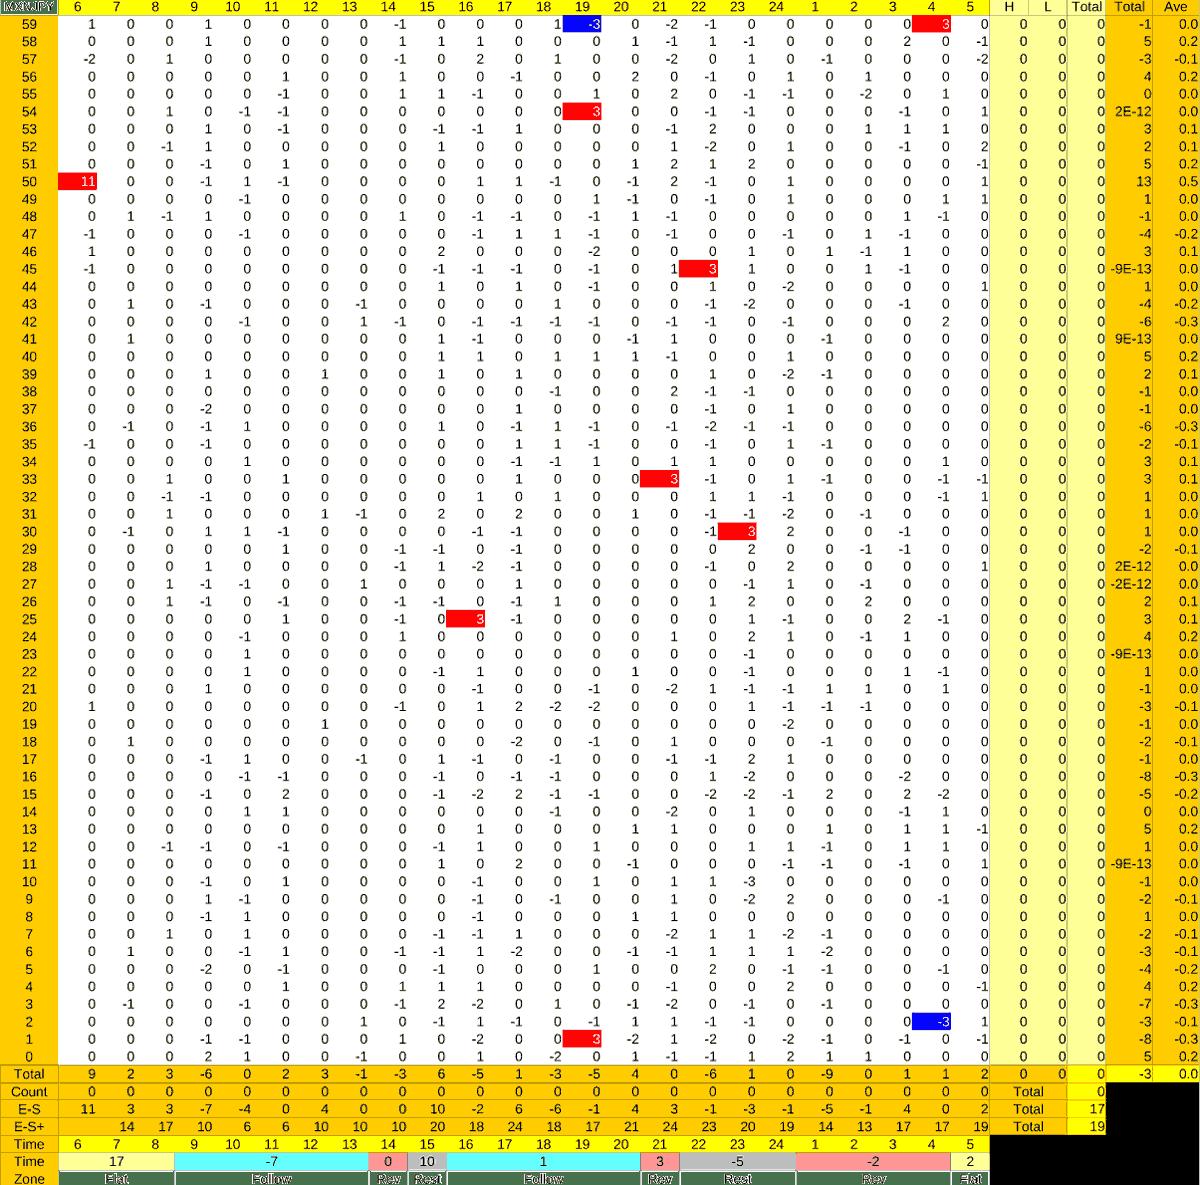 20210902_HS(3)MXNJPY-min